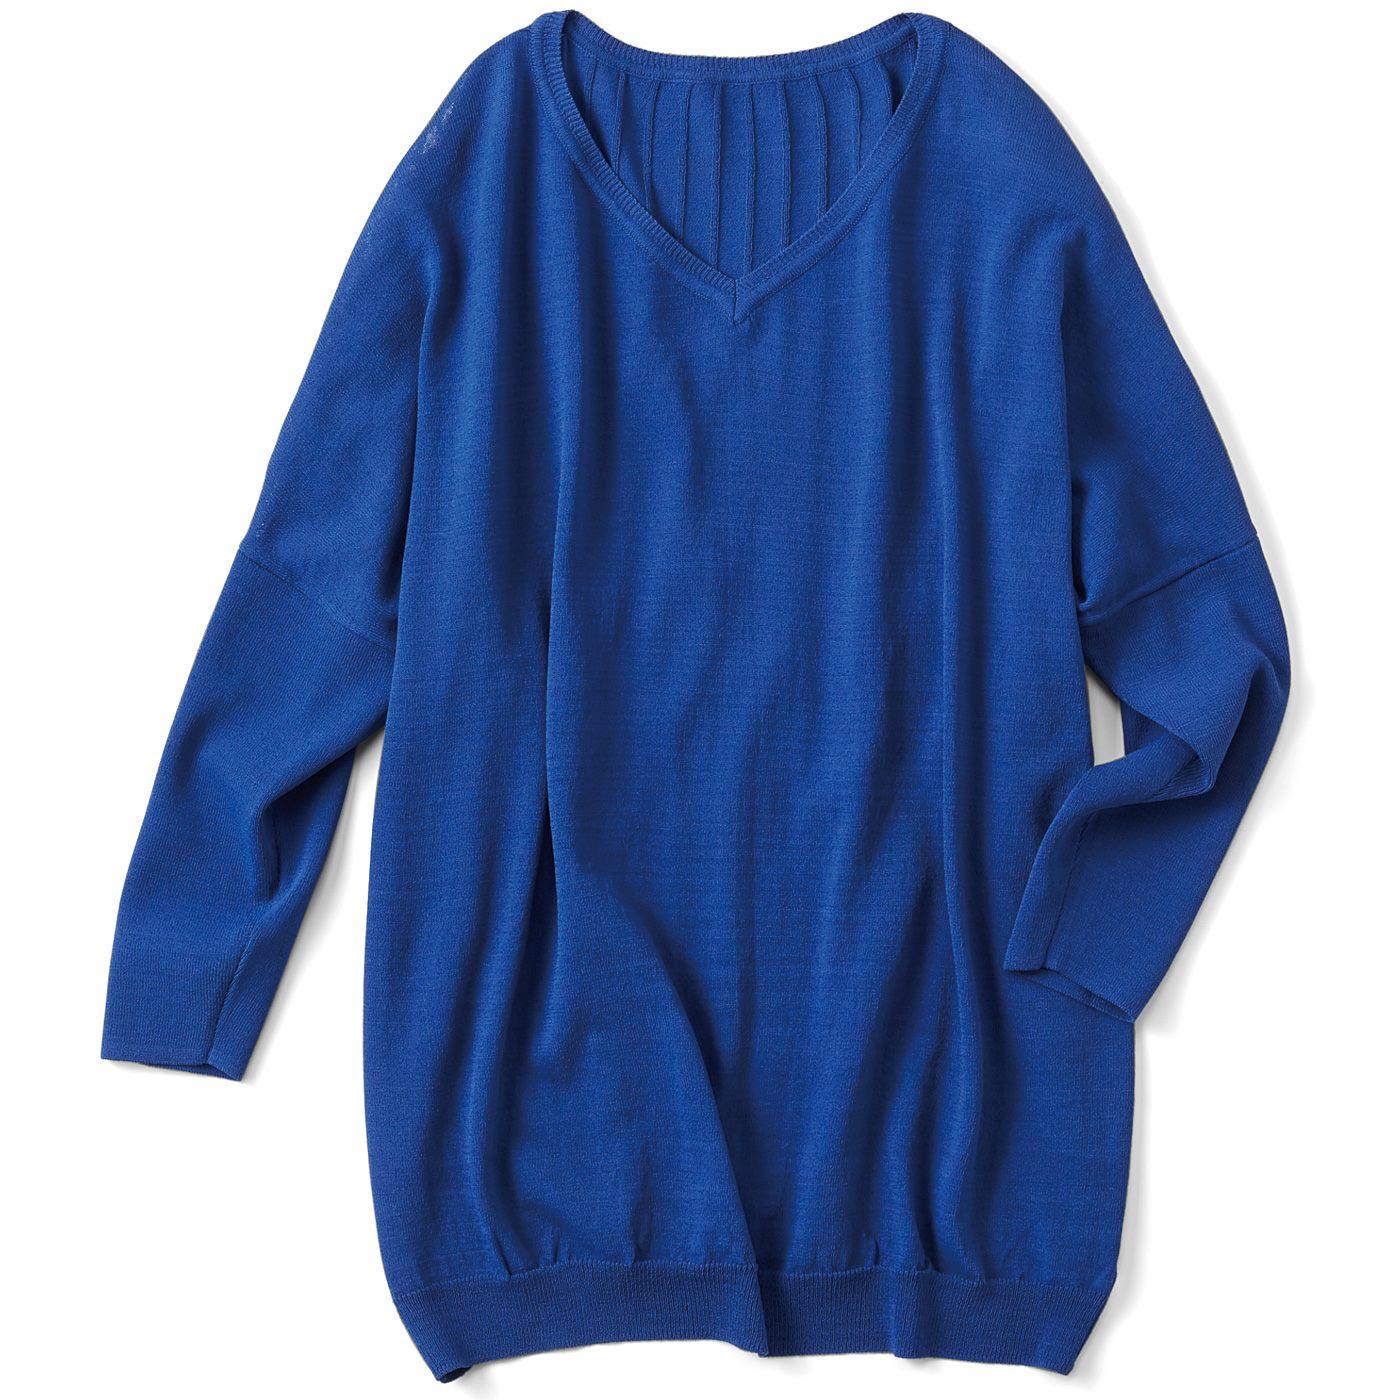 フェリシモ リブ イン コンフォート Tシャツ感覚で着られてきれい見えする さらシャリニットトップス〈ロイヤルブルー〉